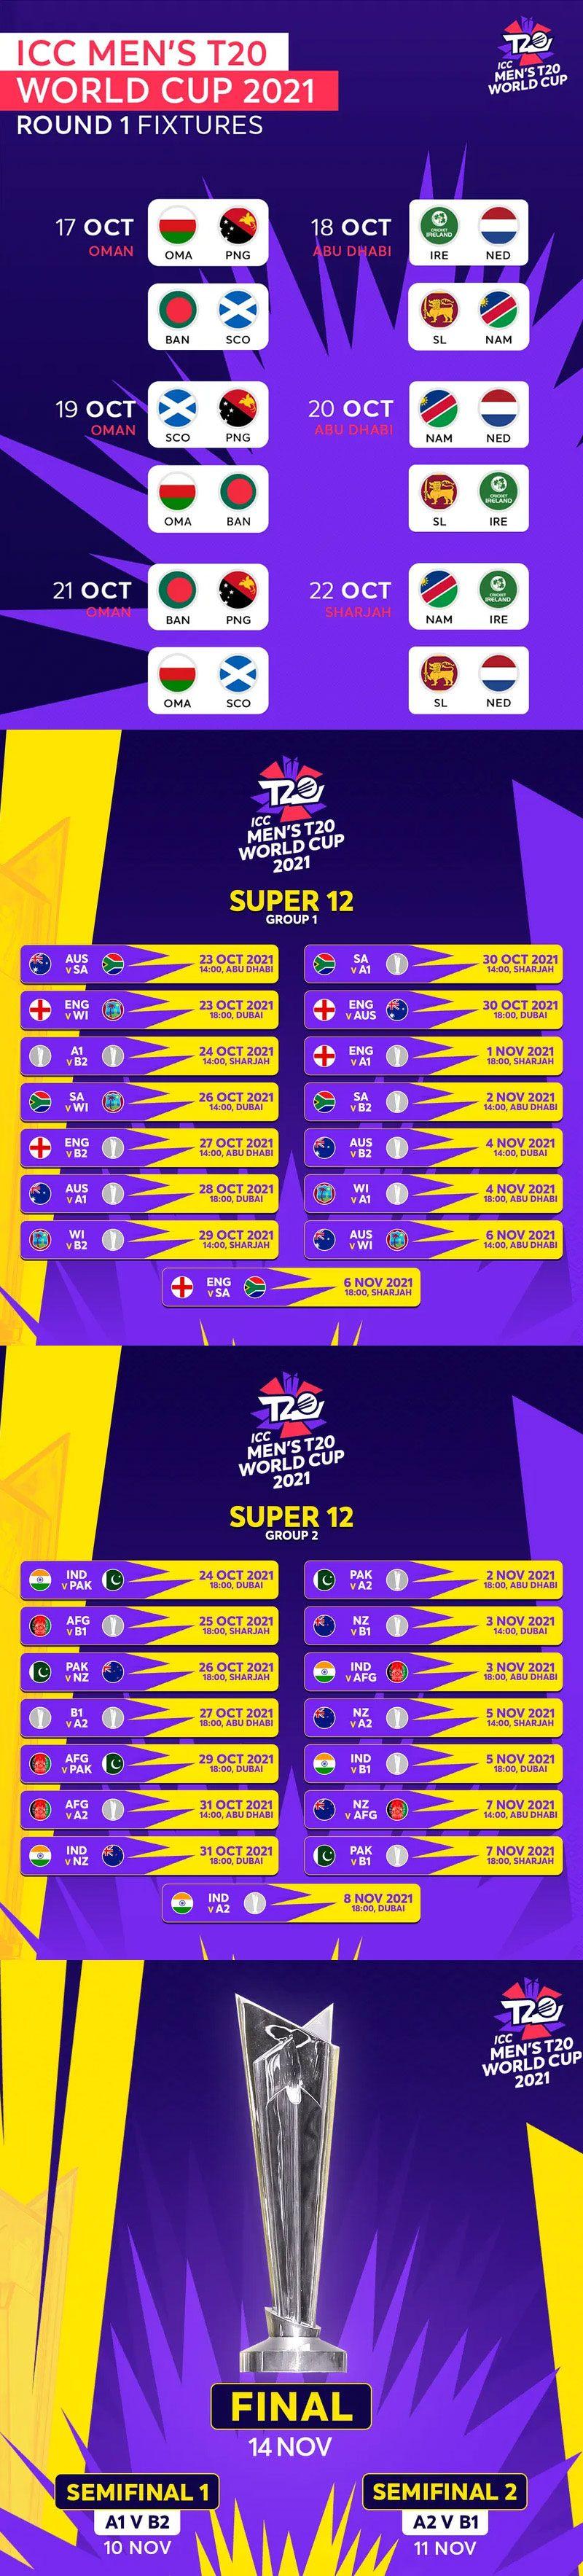 ICC Men's T20 World Cup 2021 schedule, T20 World Cup 2021 fixtures